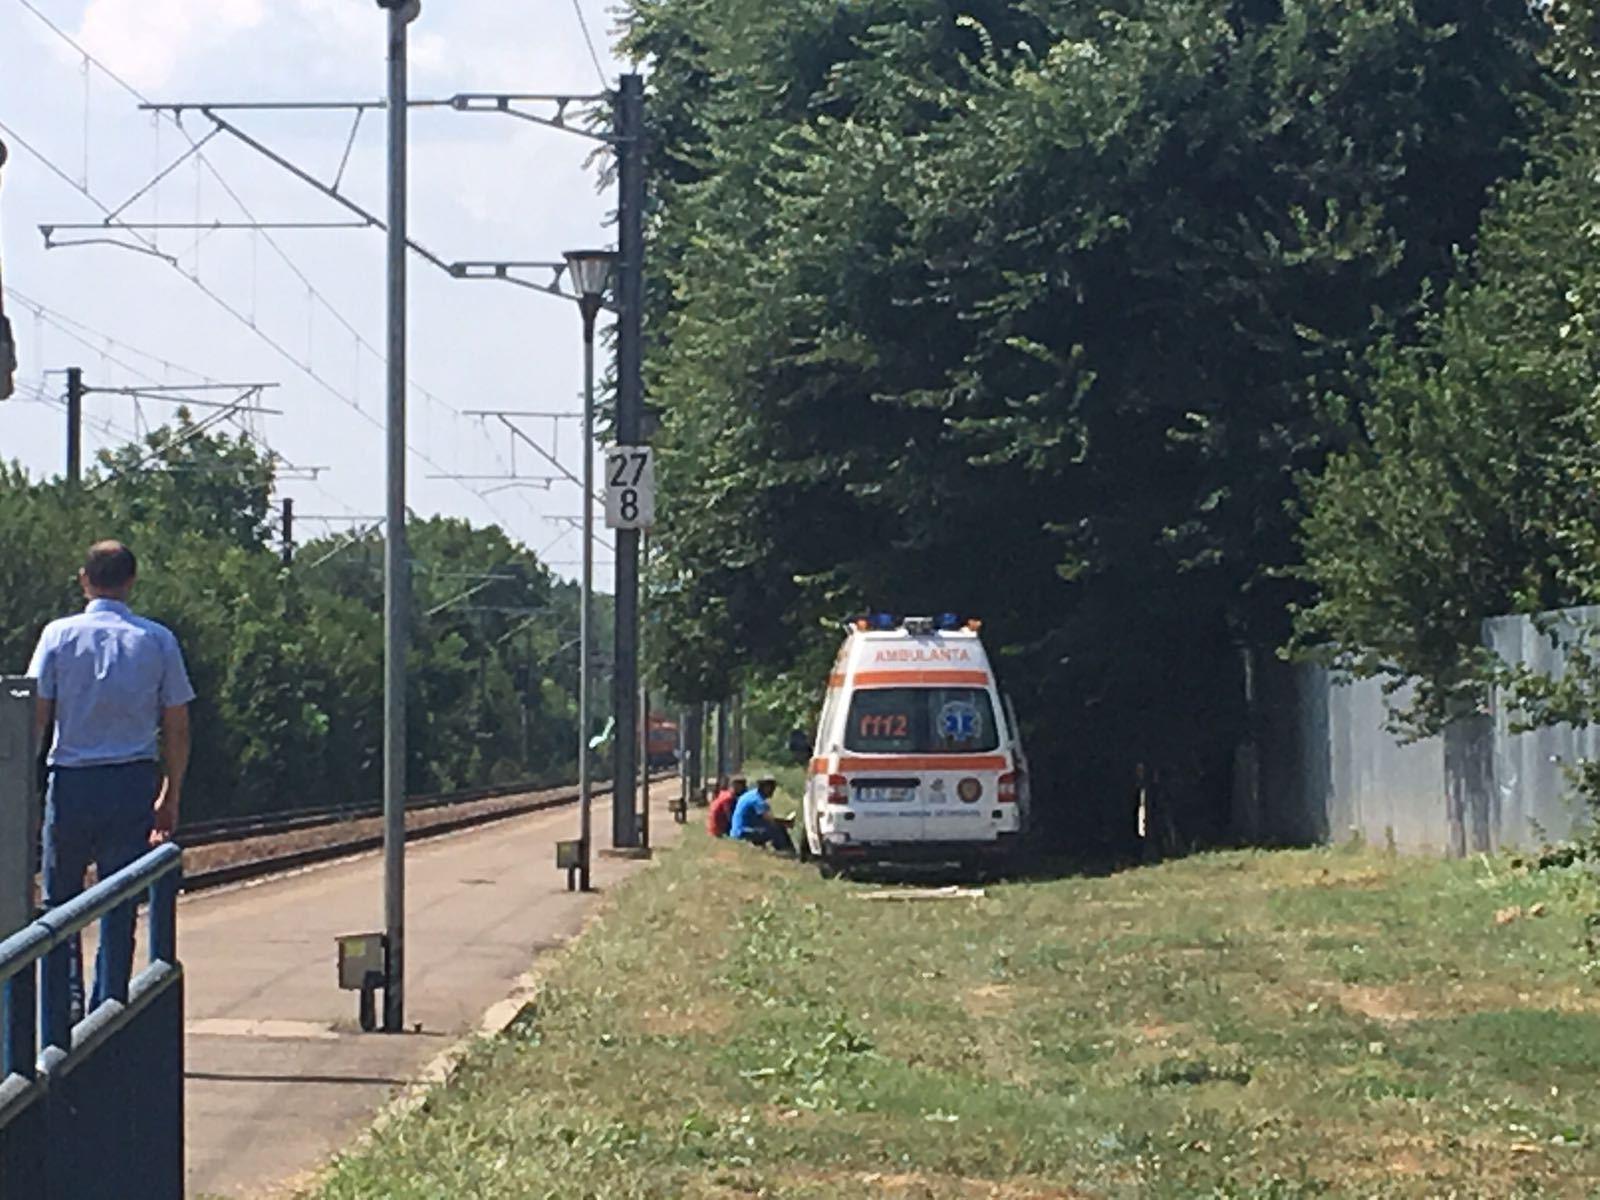 Femeia care s-a aruncat cu cei trei copii ai săi în faţa trenului era gravidă şi suferea de depresie. `Nu voia să mai aibă un copil`/ Aceasta ar fi fost de două ori internată la Spitalul de Psihiatrie